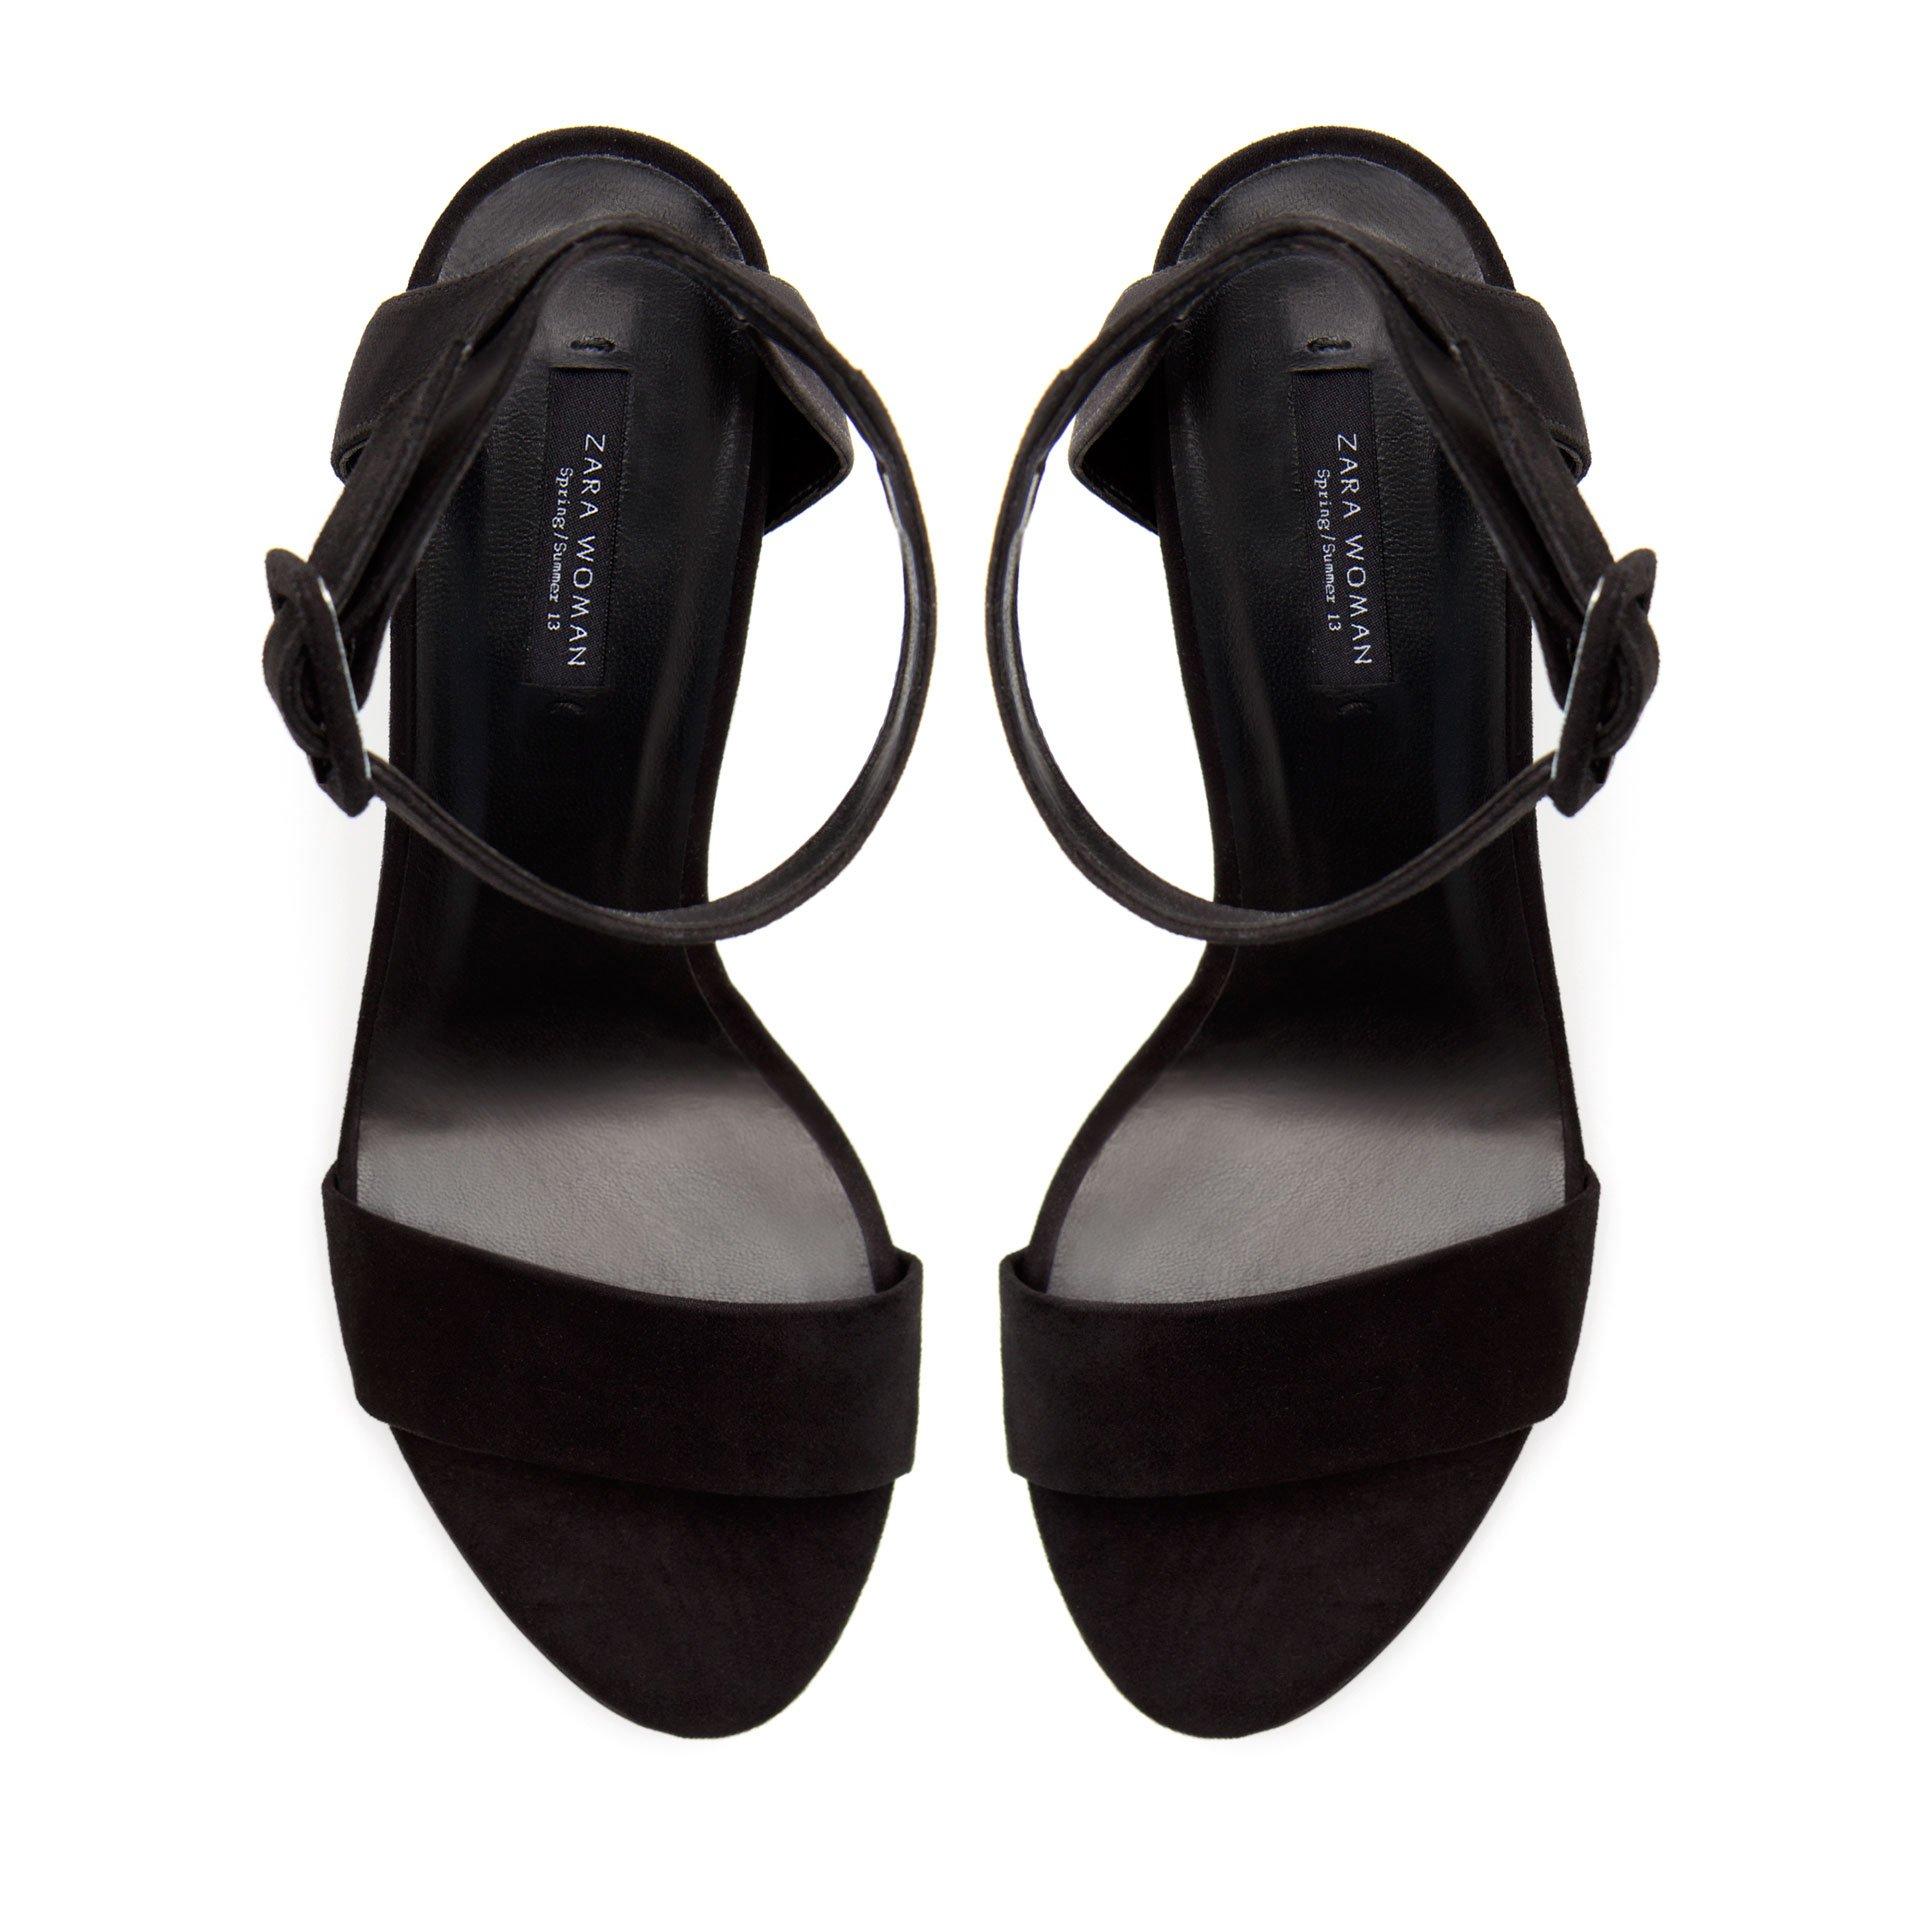 Black sandals 2 inch heel - Gallery